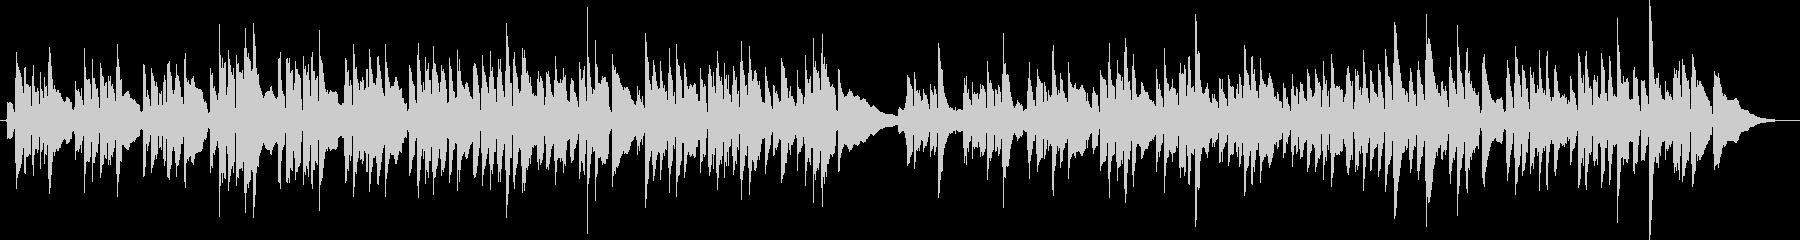 ヴィヴァルディ 春 アコギ クラシックの未再生の波形